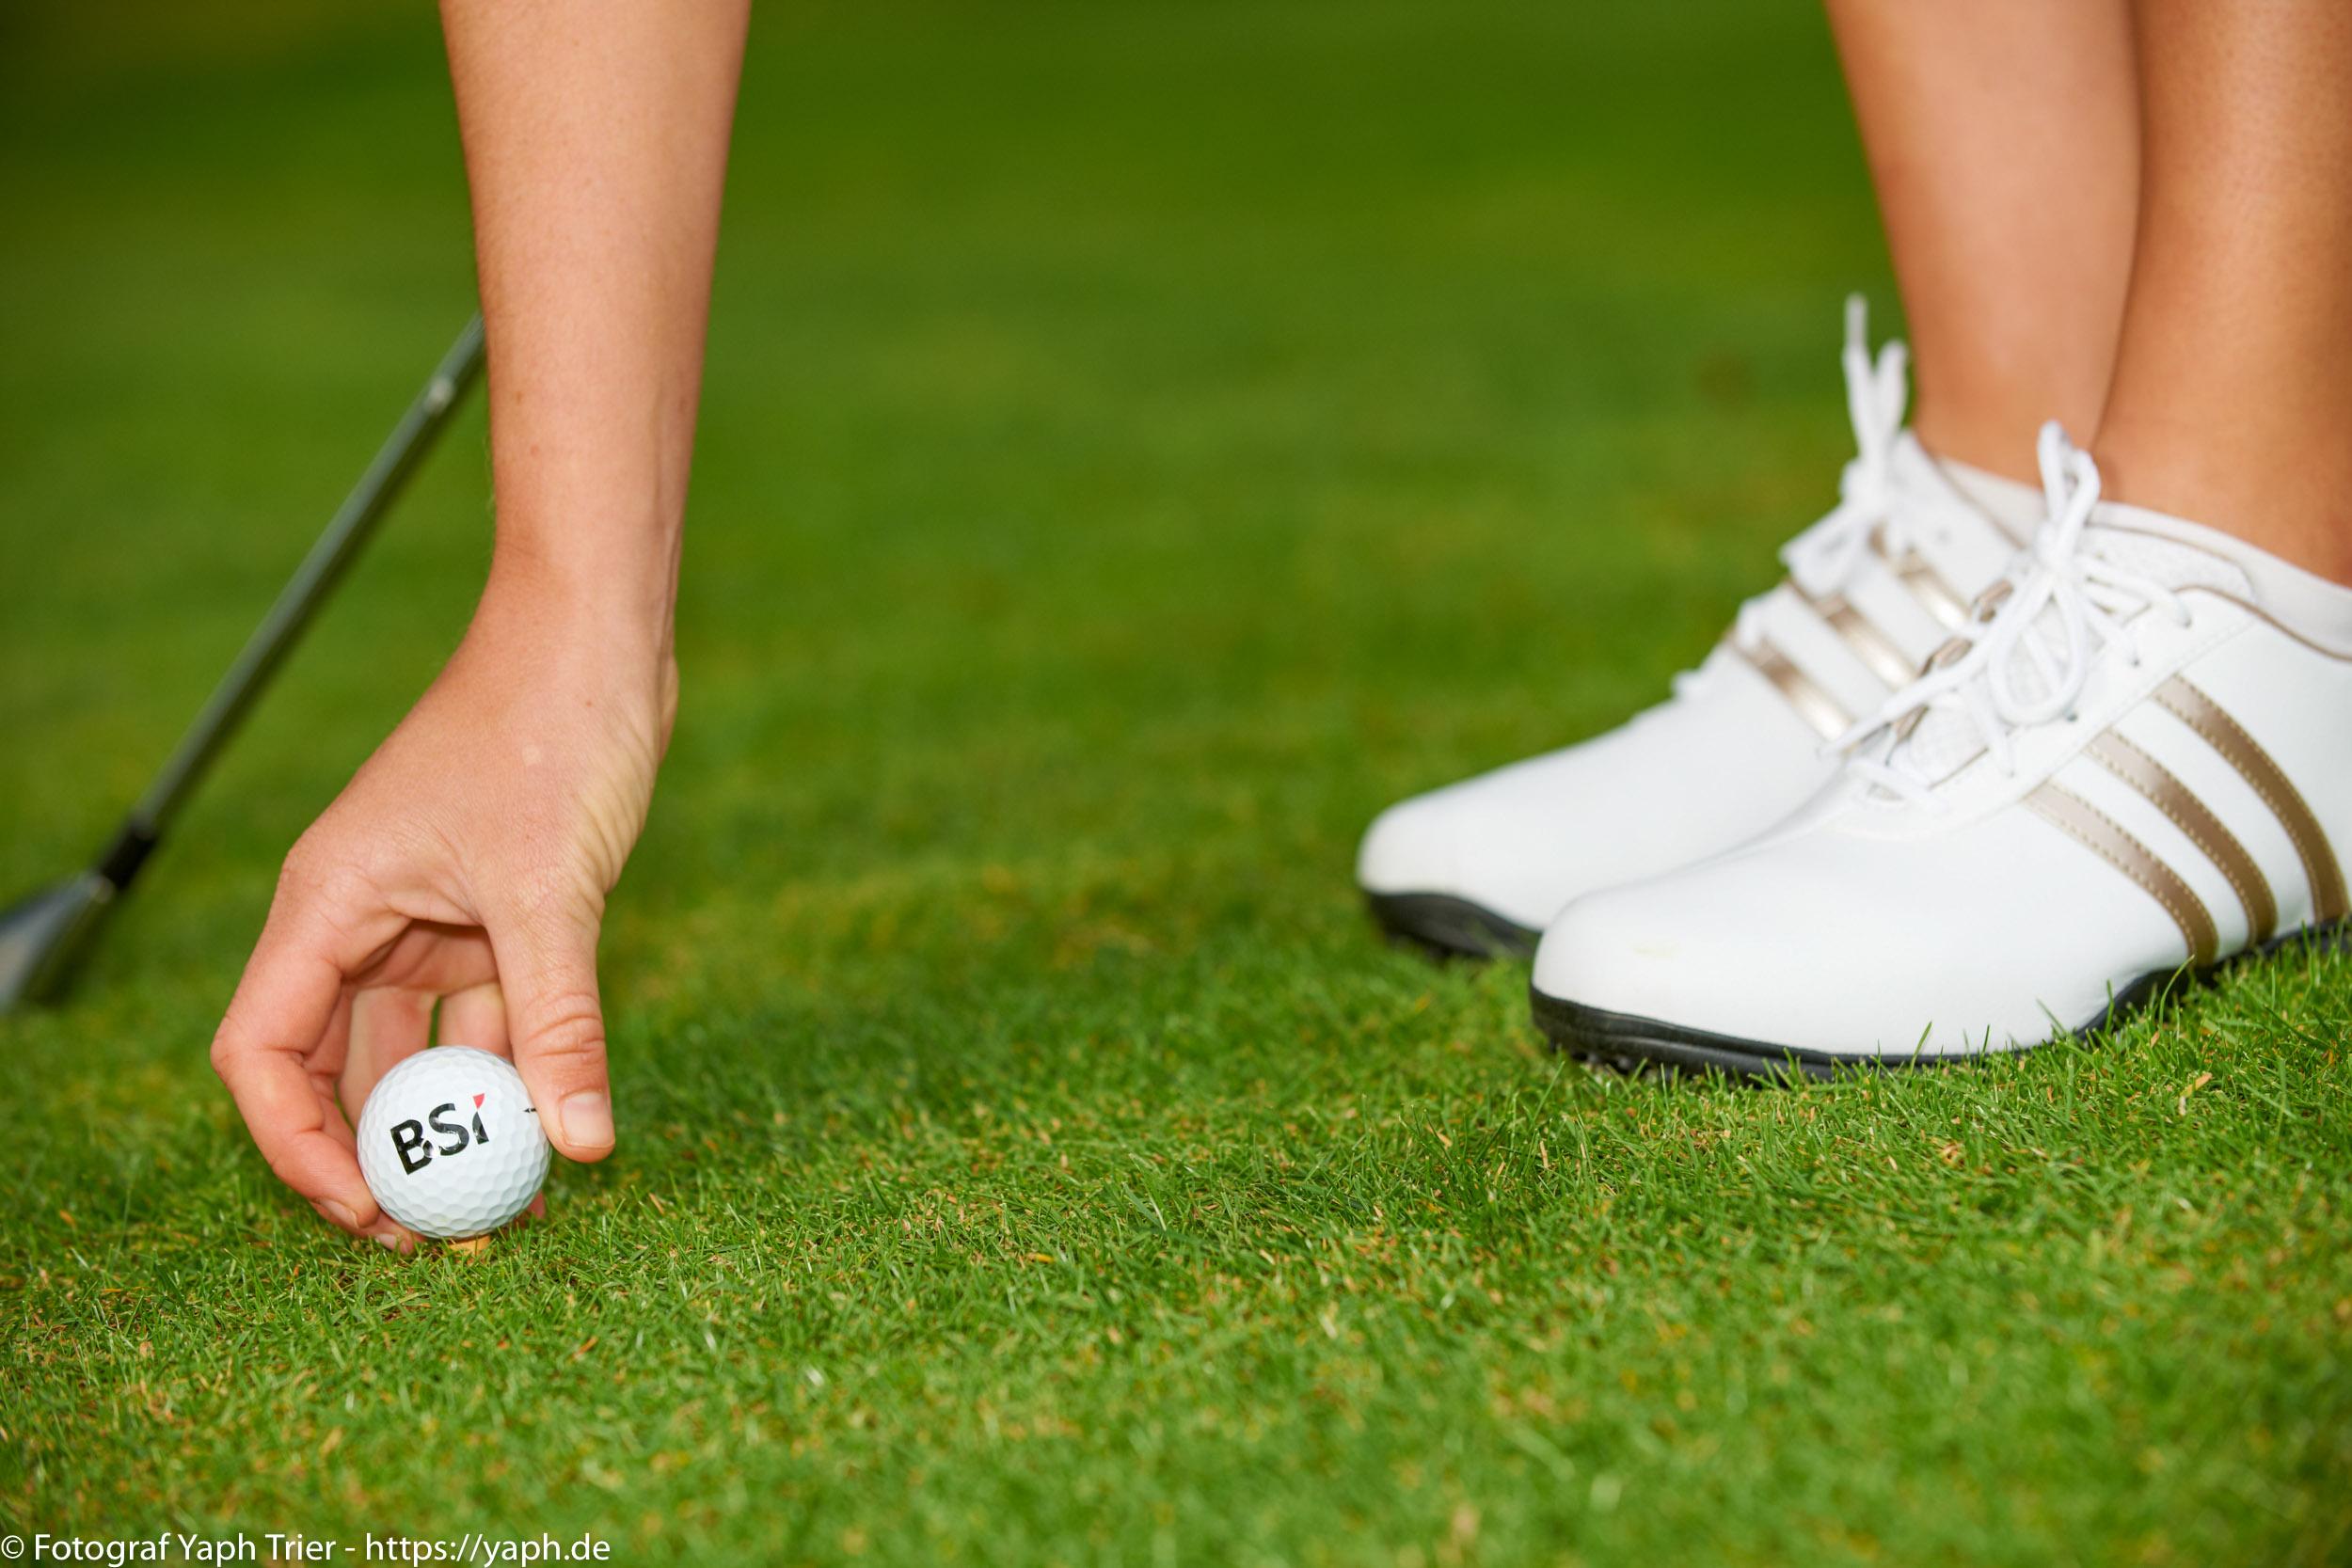 Liebelei Elena Lawrence - luxemburger Golfspielerin bei Fotograf Yaph - 20